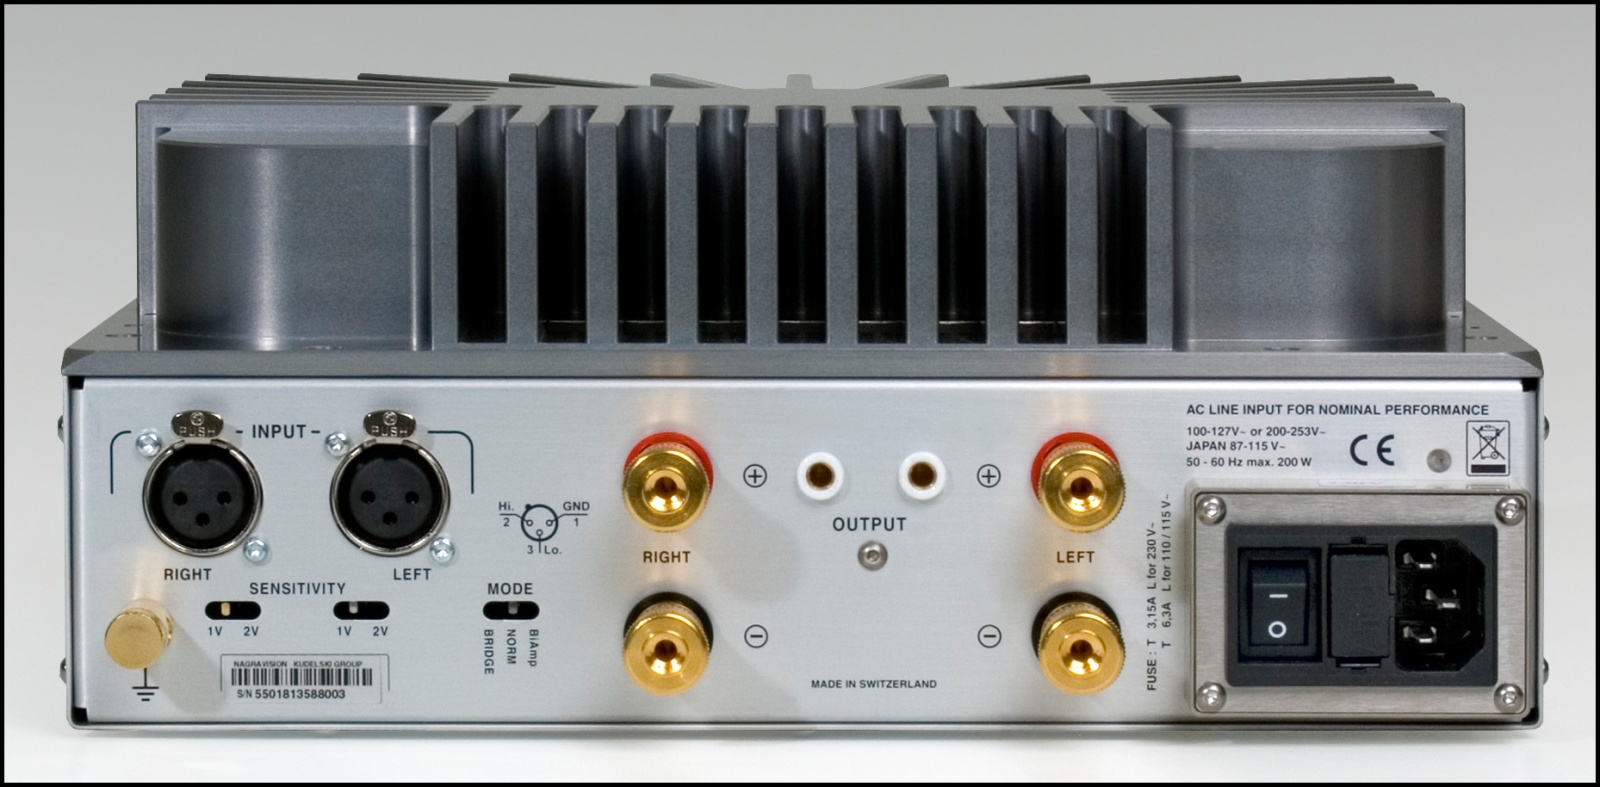 """Дизайн и звук: классика модерна, британский ответ Японии, кассетник """"космической эры"""" и брутальные швейцарцы - 11"""